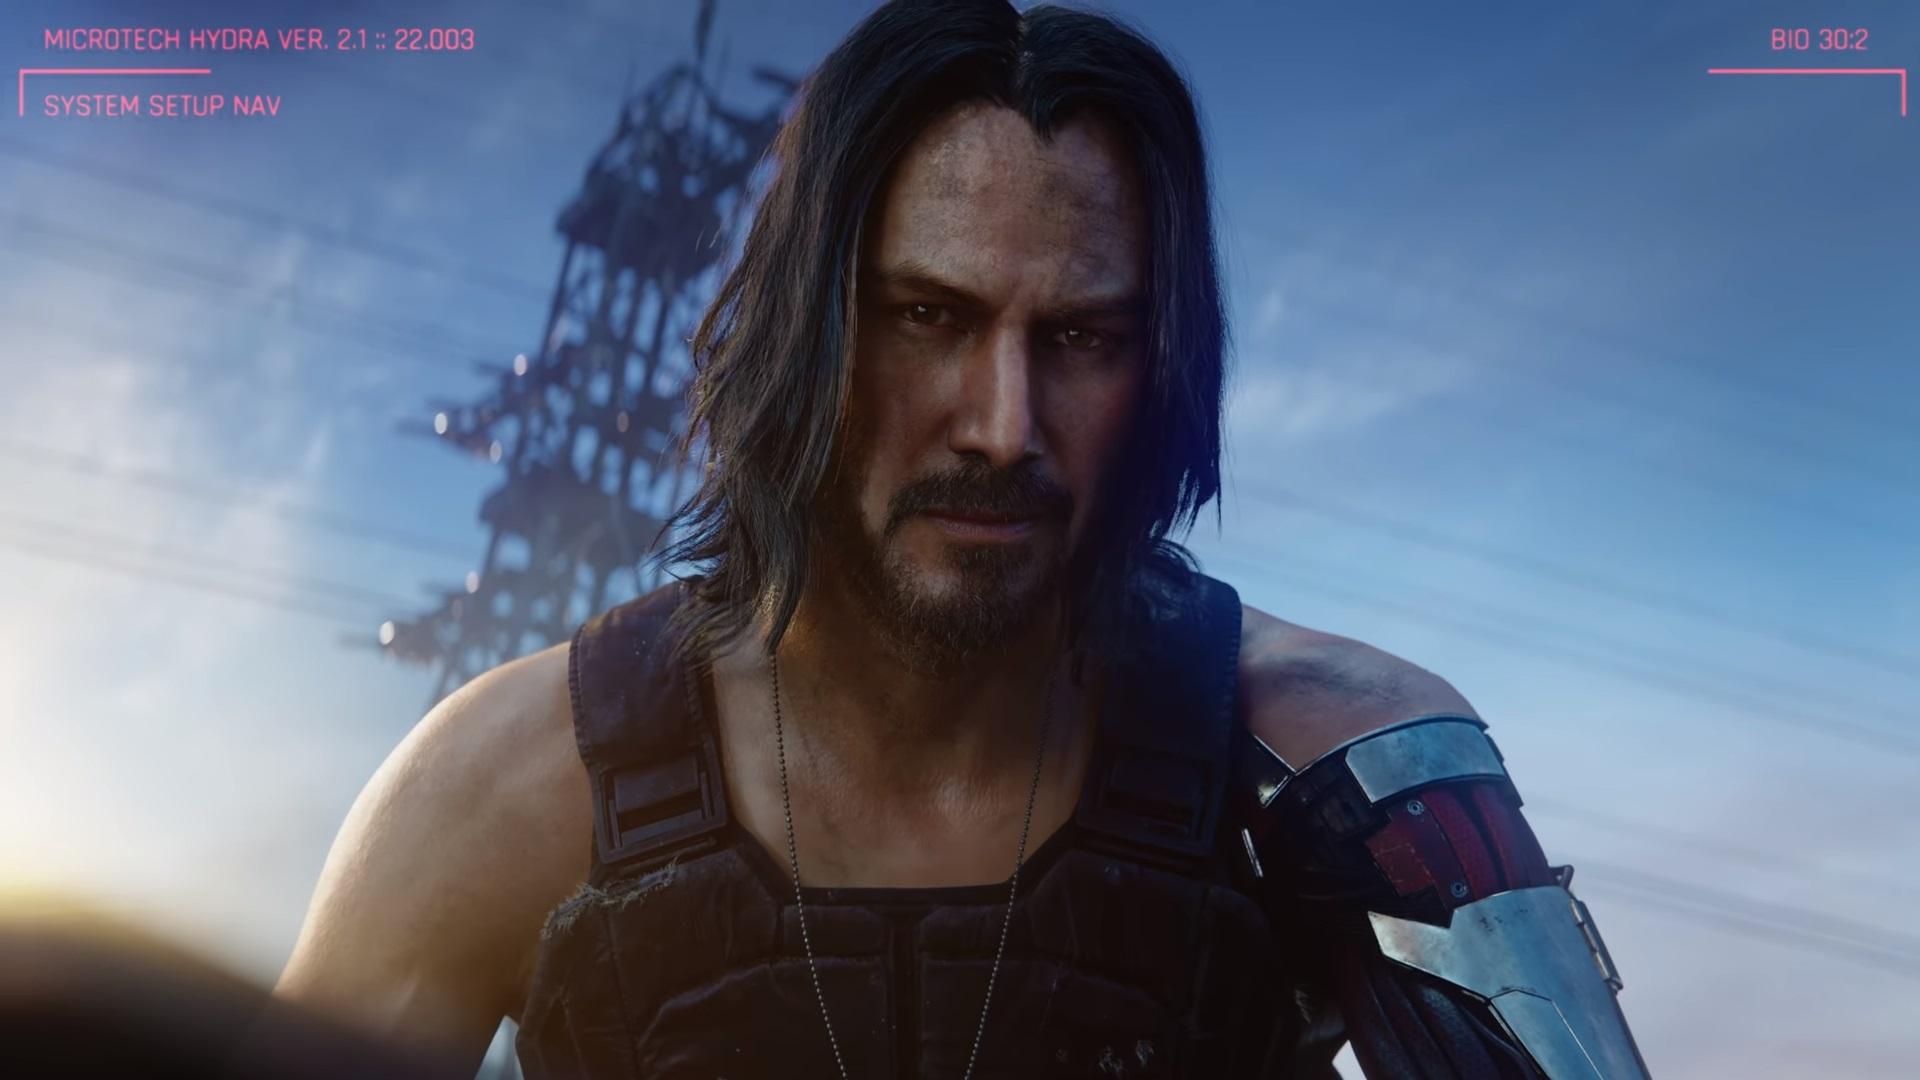 Киану Ривз станет героем игры Cyberpunk 2077